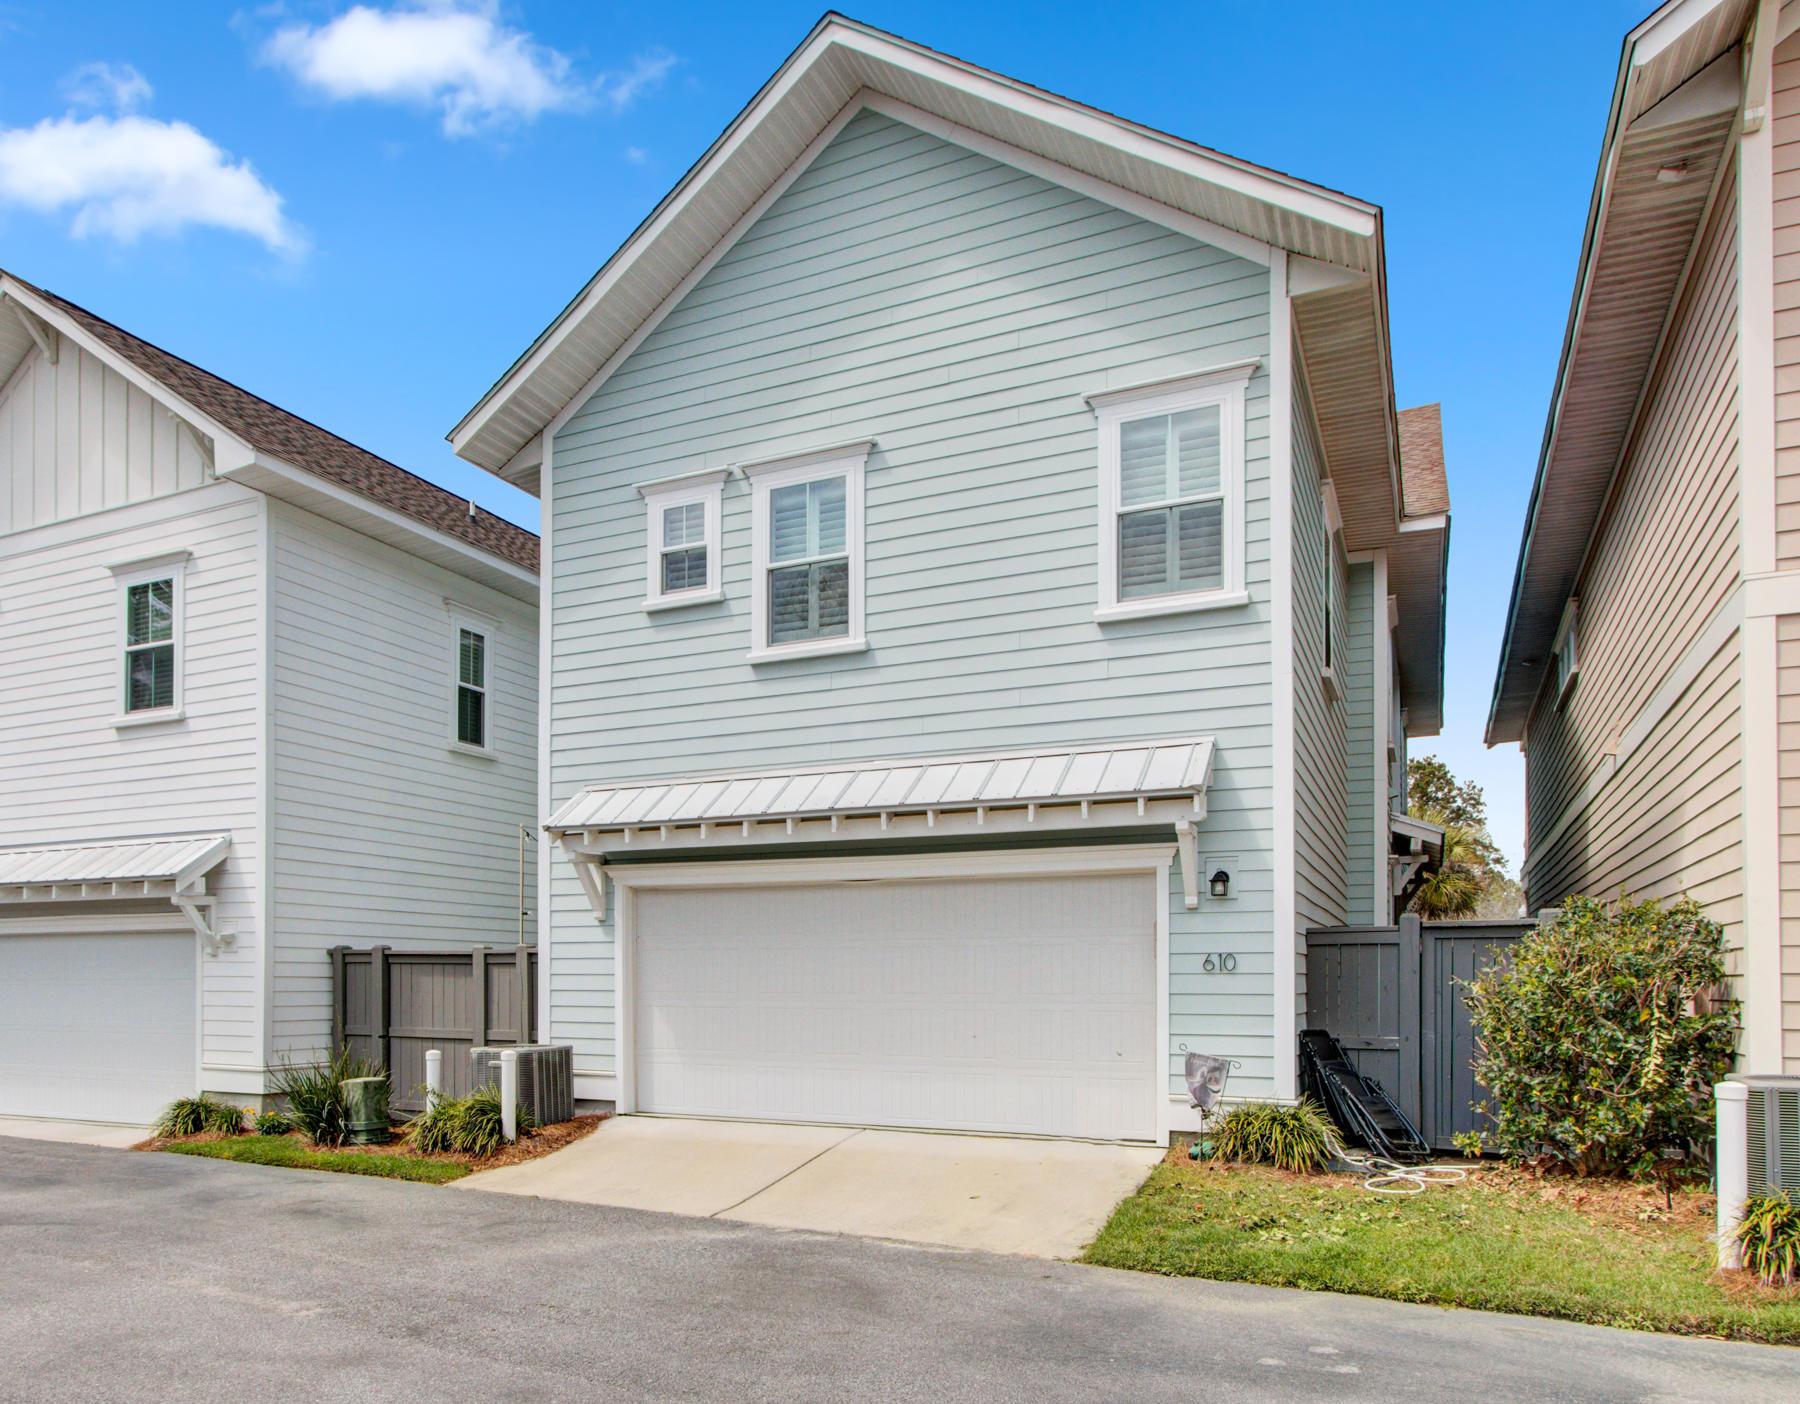 Moultrie Park Homes For Sale - 610 Ellingson, Mount Pleasant, SC - 1